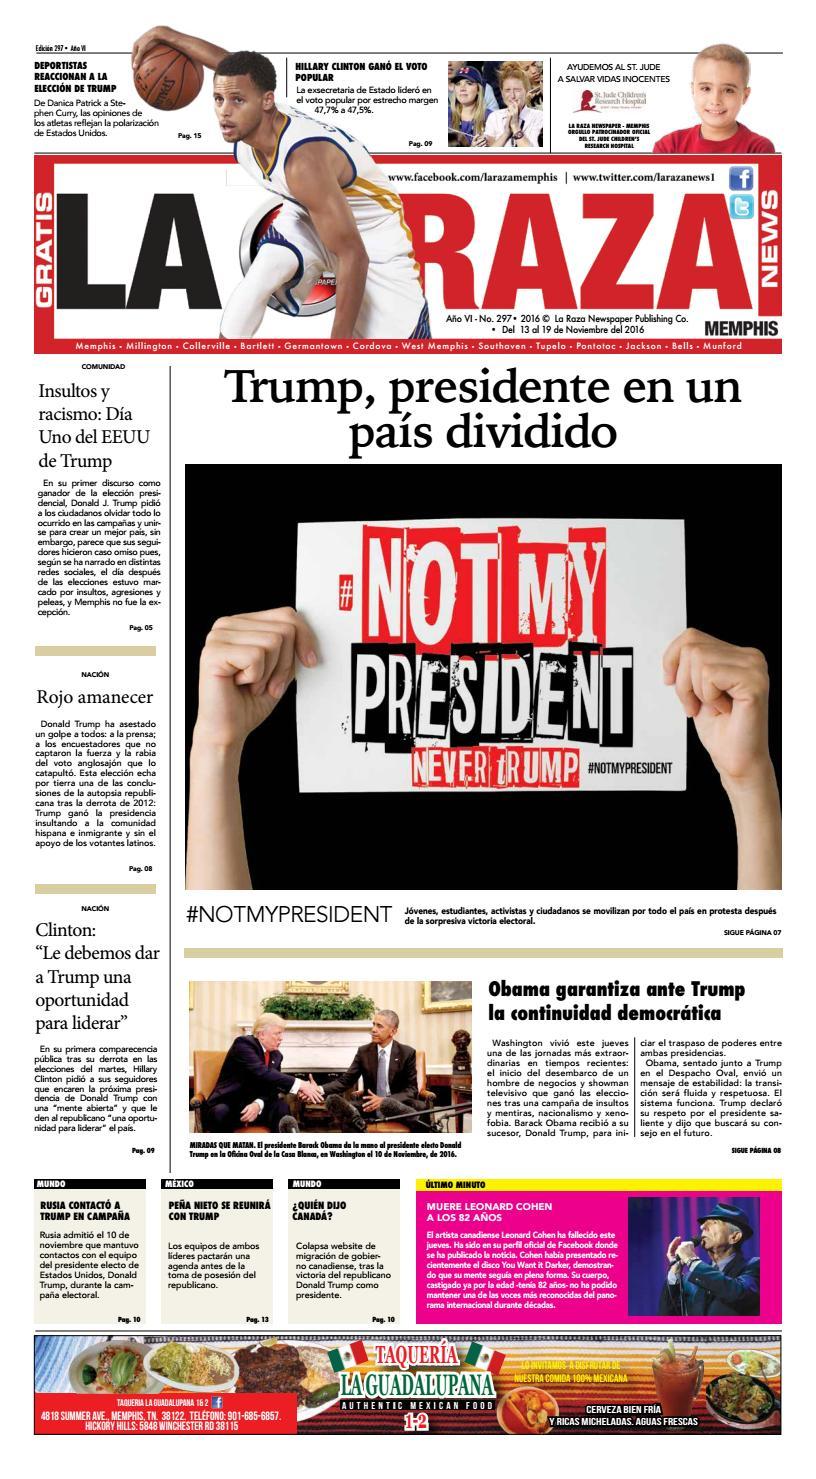 La Raza Newspaper. Memphis, TN. by Nancy Águila - issuu